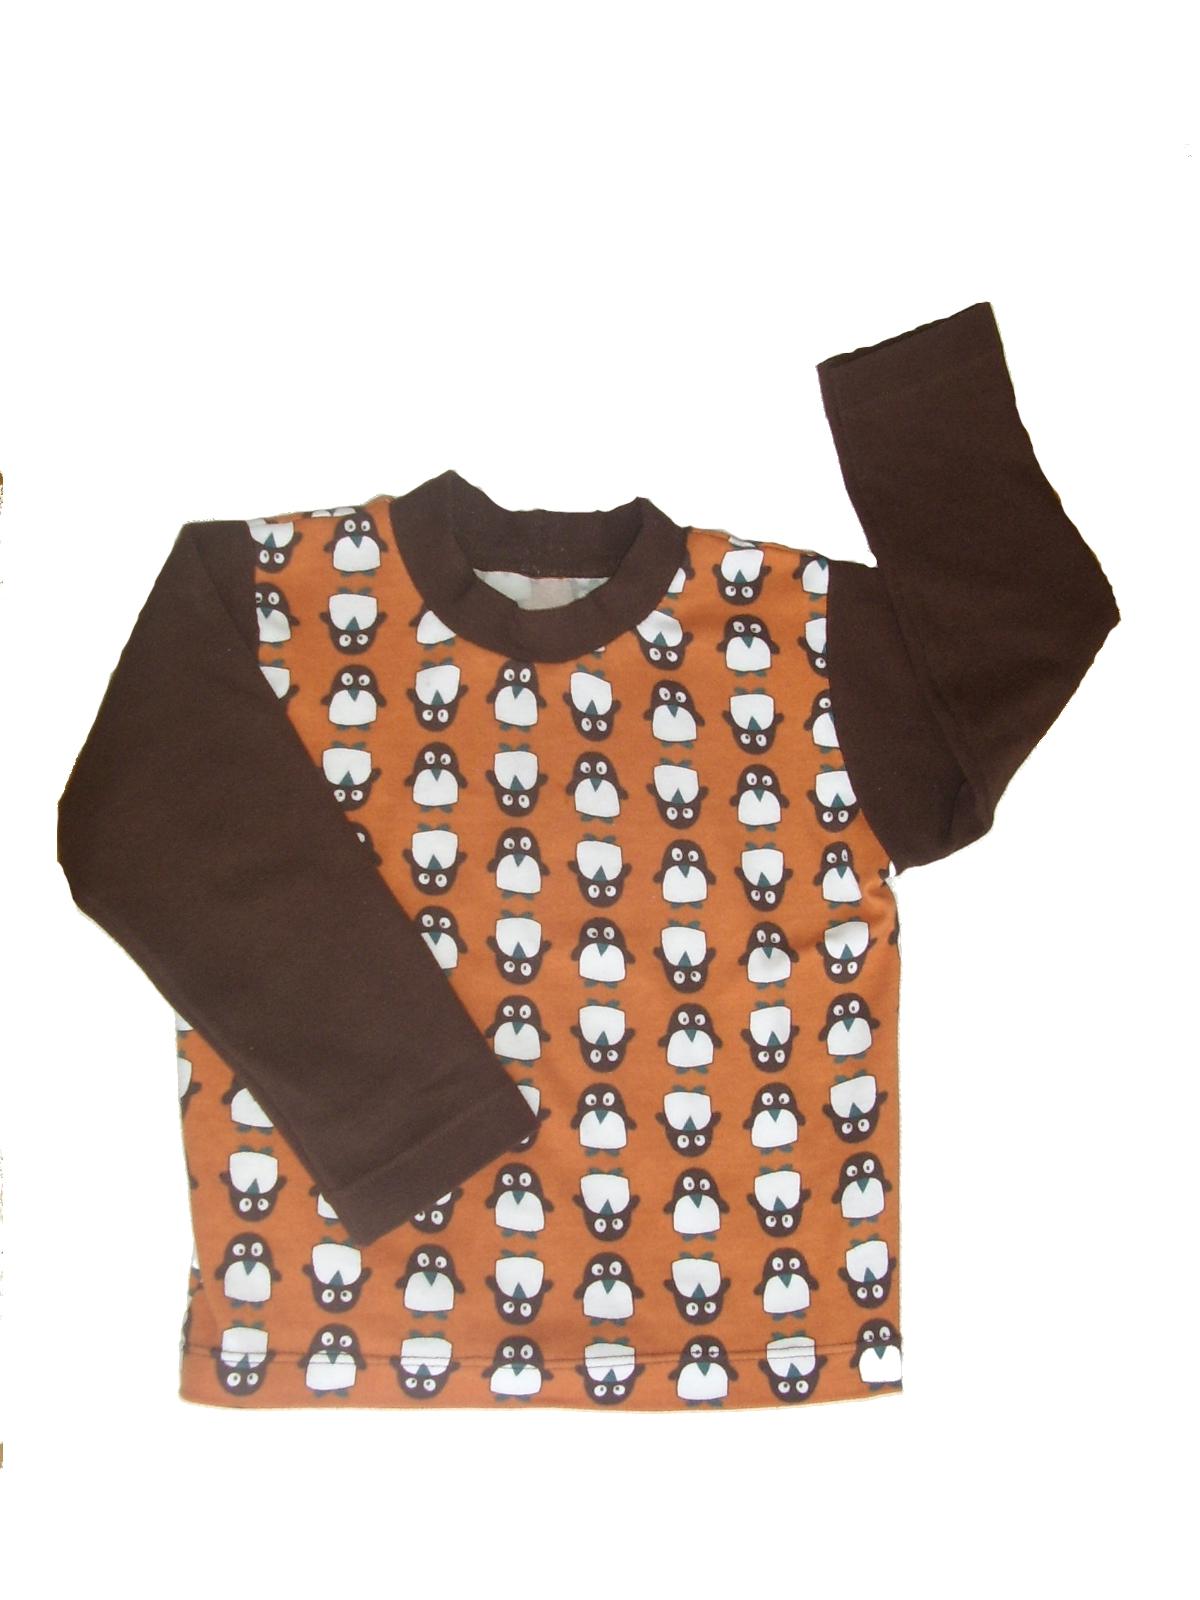 8a6ea1a5d69b Mia Textil Design: 2010